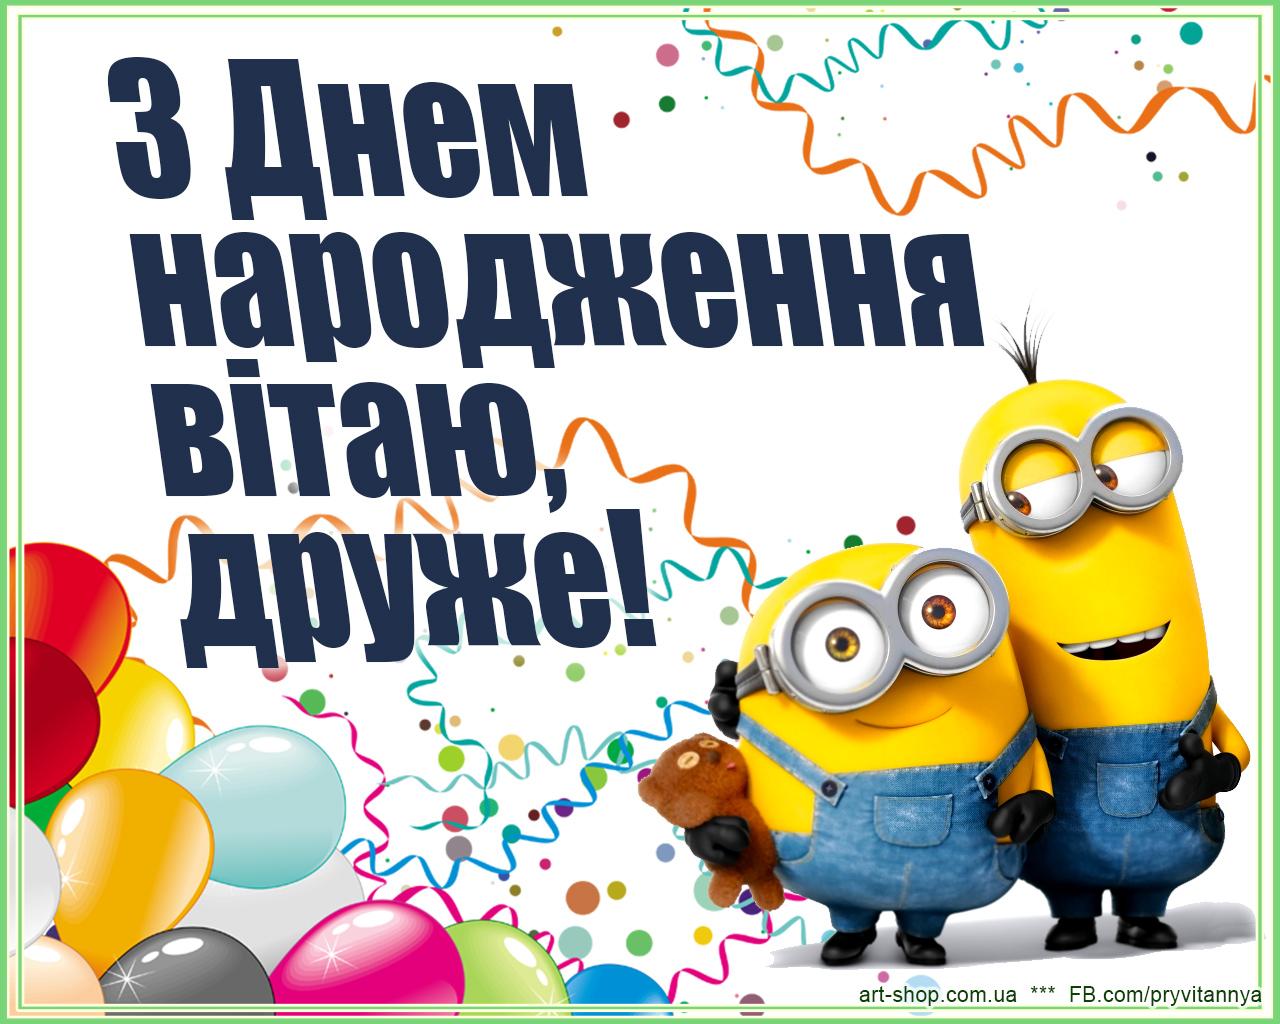 Твій день народження!